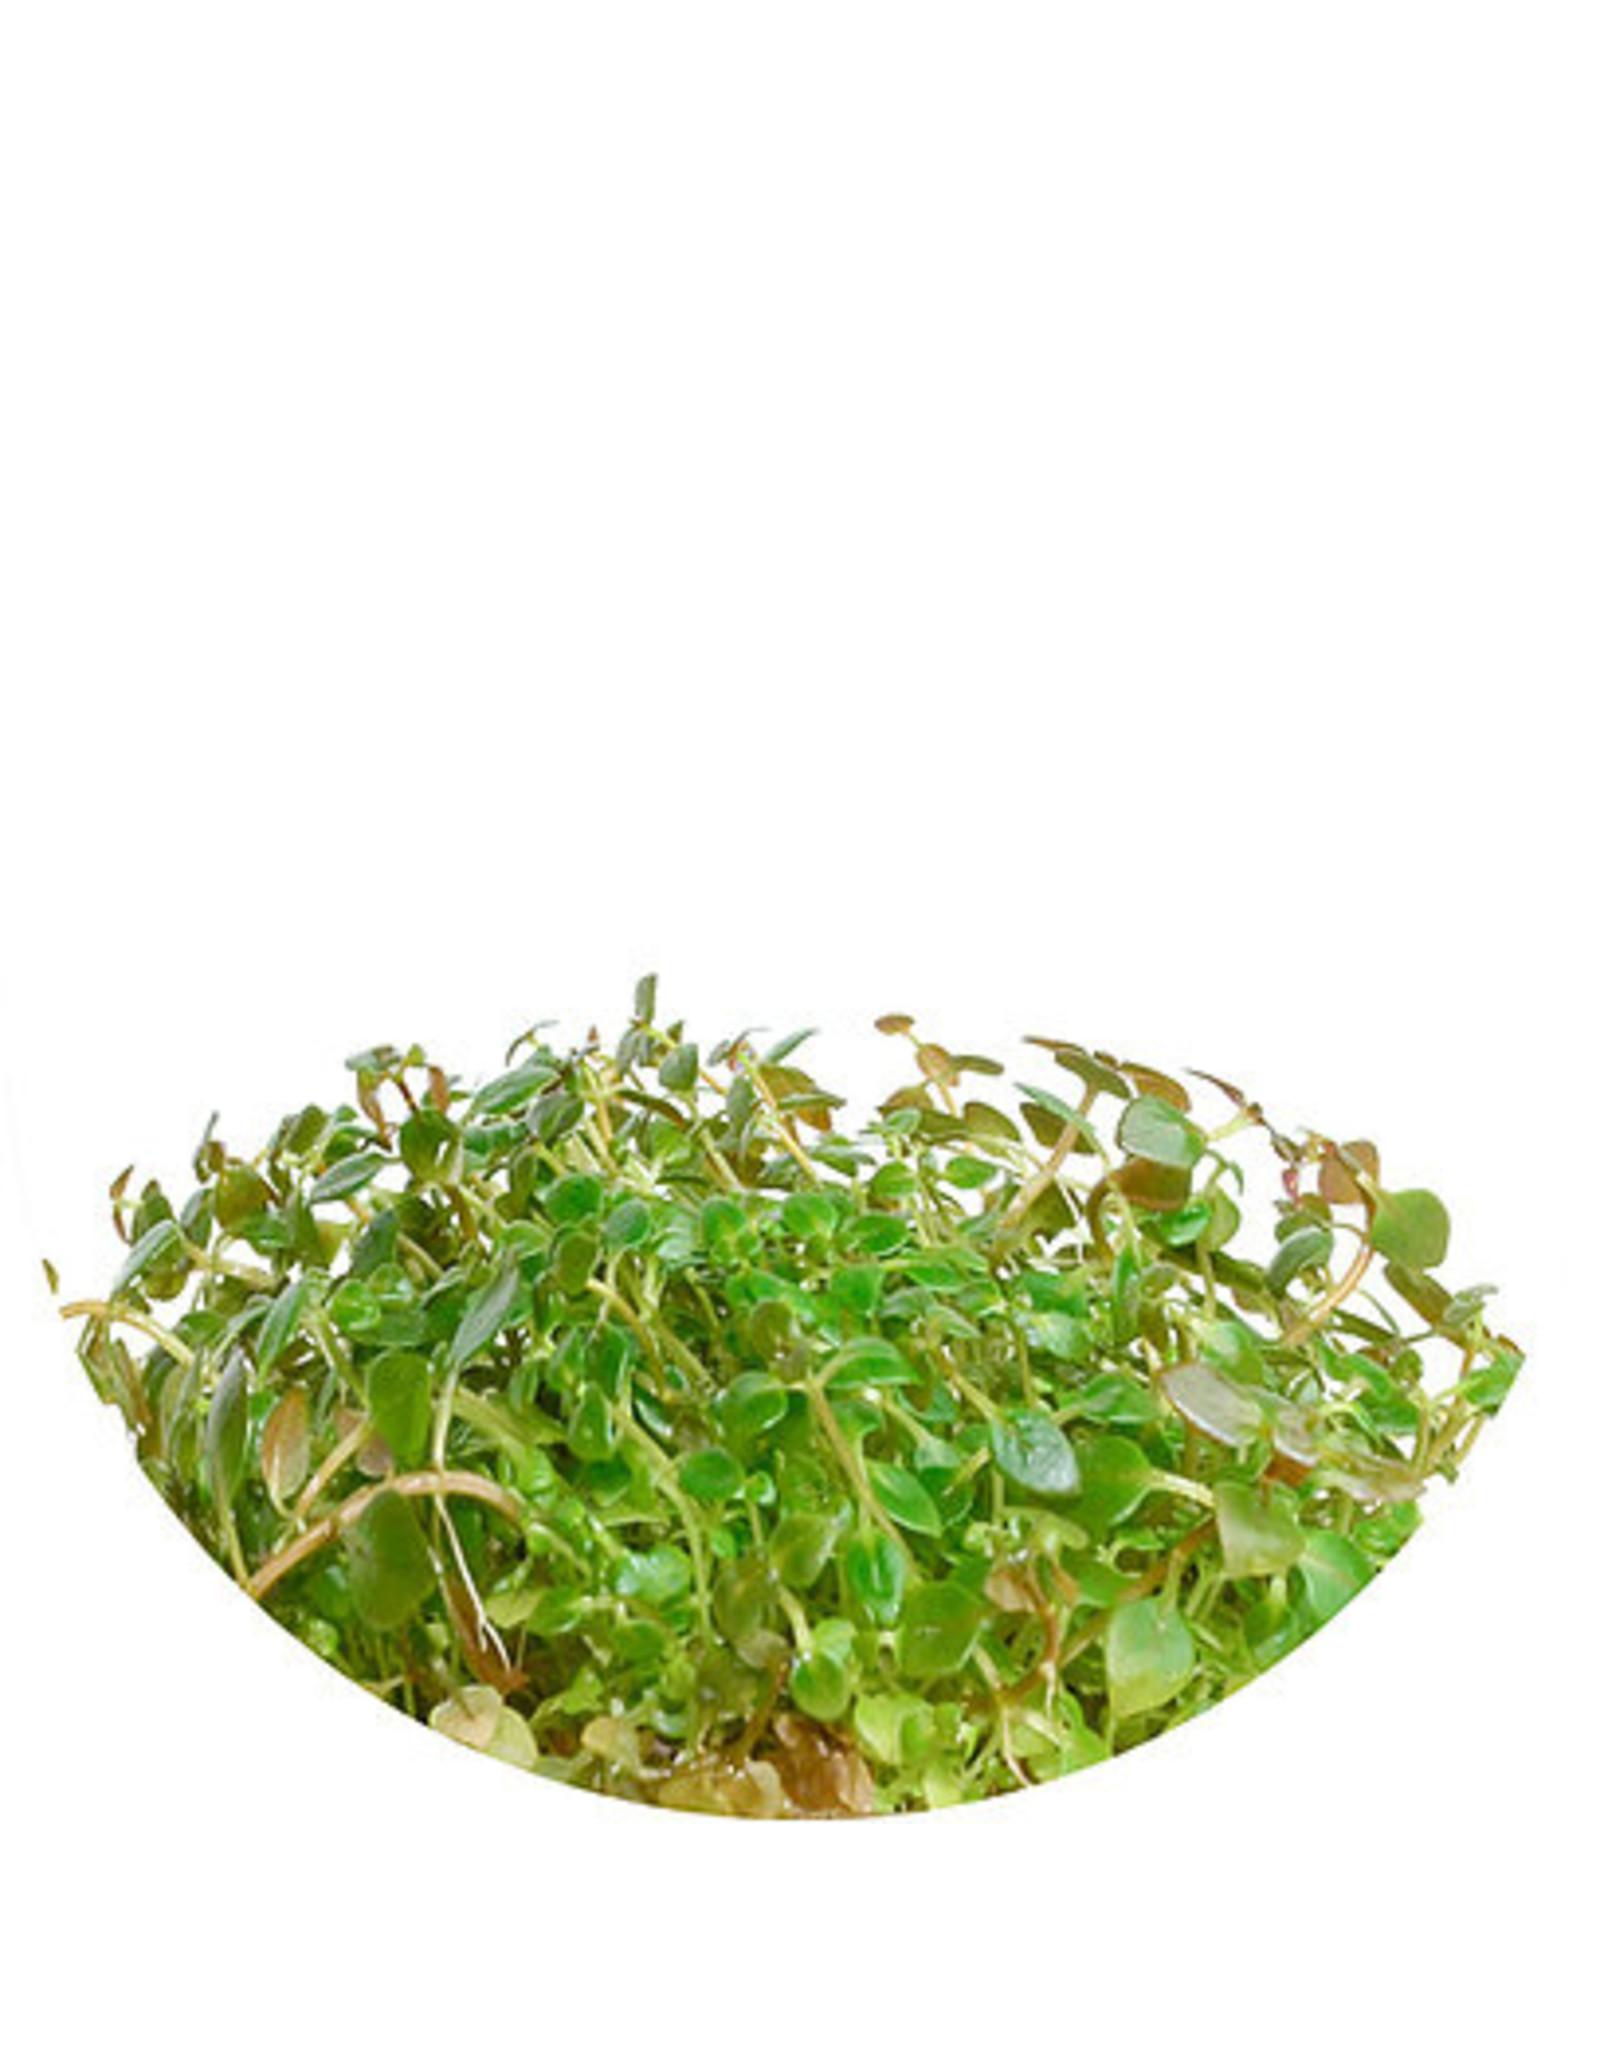 ABC Plants ABC PLANTS - Ludwigia palustris 'Super Red'